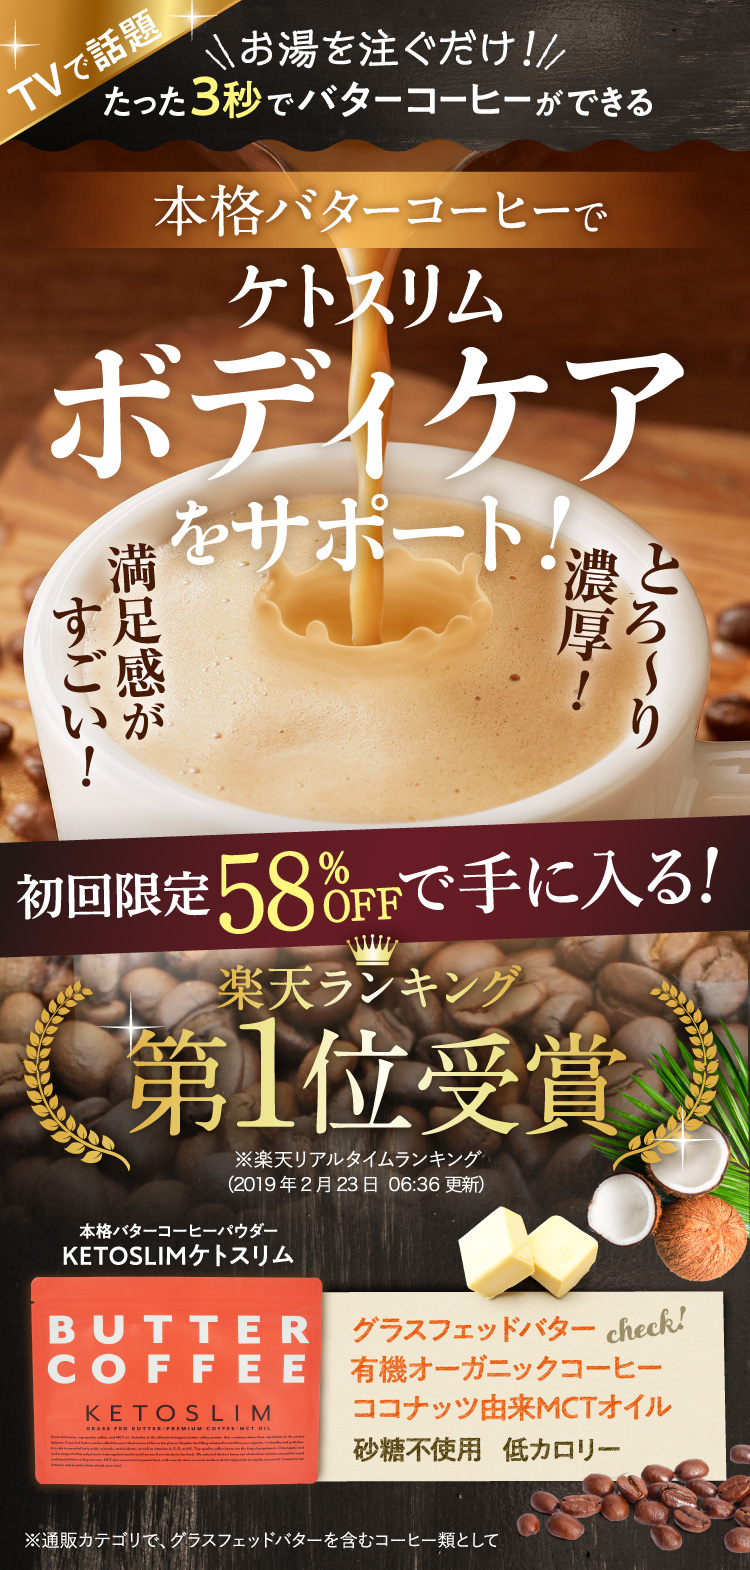 TVで話題! お湯を注ぐだけ!たった3秒でバターコーヒーができる。本格バターコーヒーでケトスリムボディケアををサポート!期間限定72%OFFで手に入る!「本格バターコーヒーパウダーKETOSLIM -ケトスリム- 」 グラスフェッドバター/有機オーガニックコーヒー/ココナッツ由来MCTオイル/砂糖不使用/低カロリー